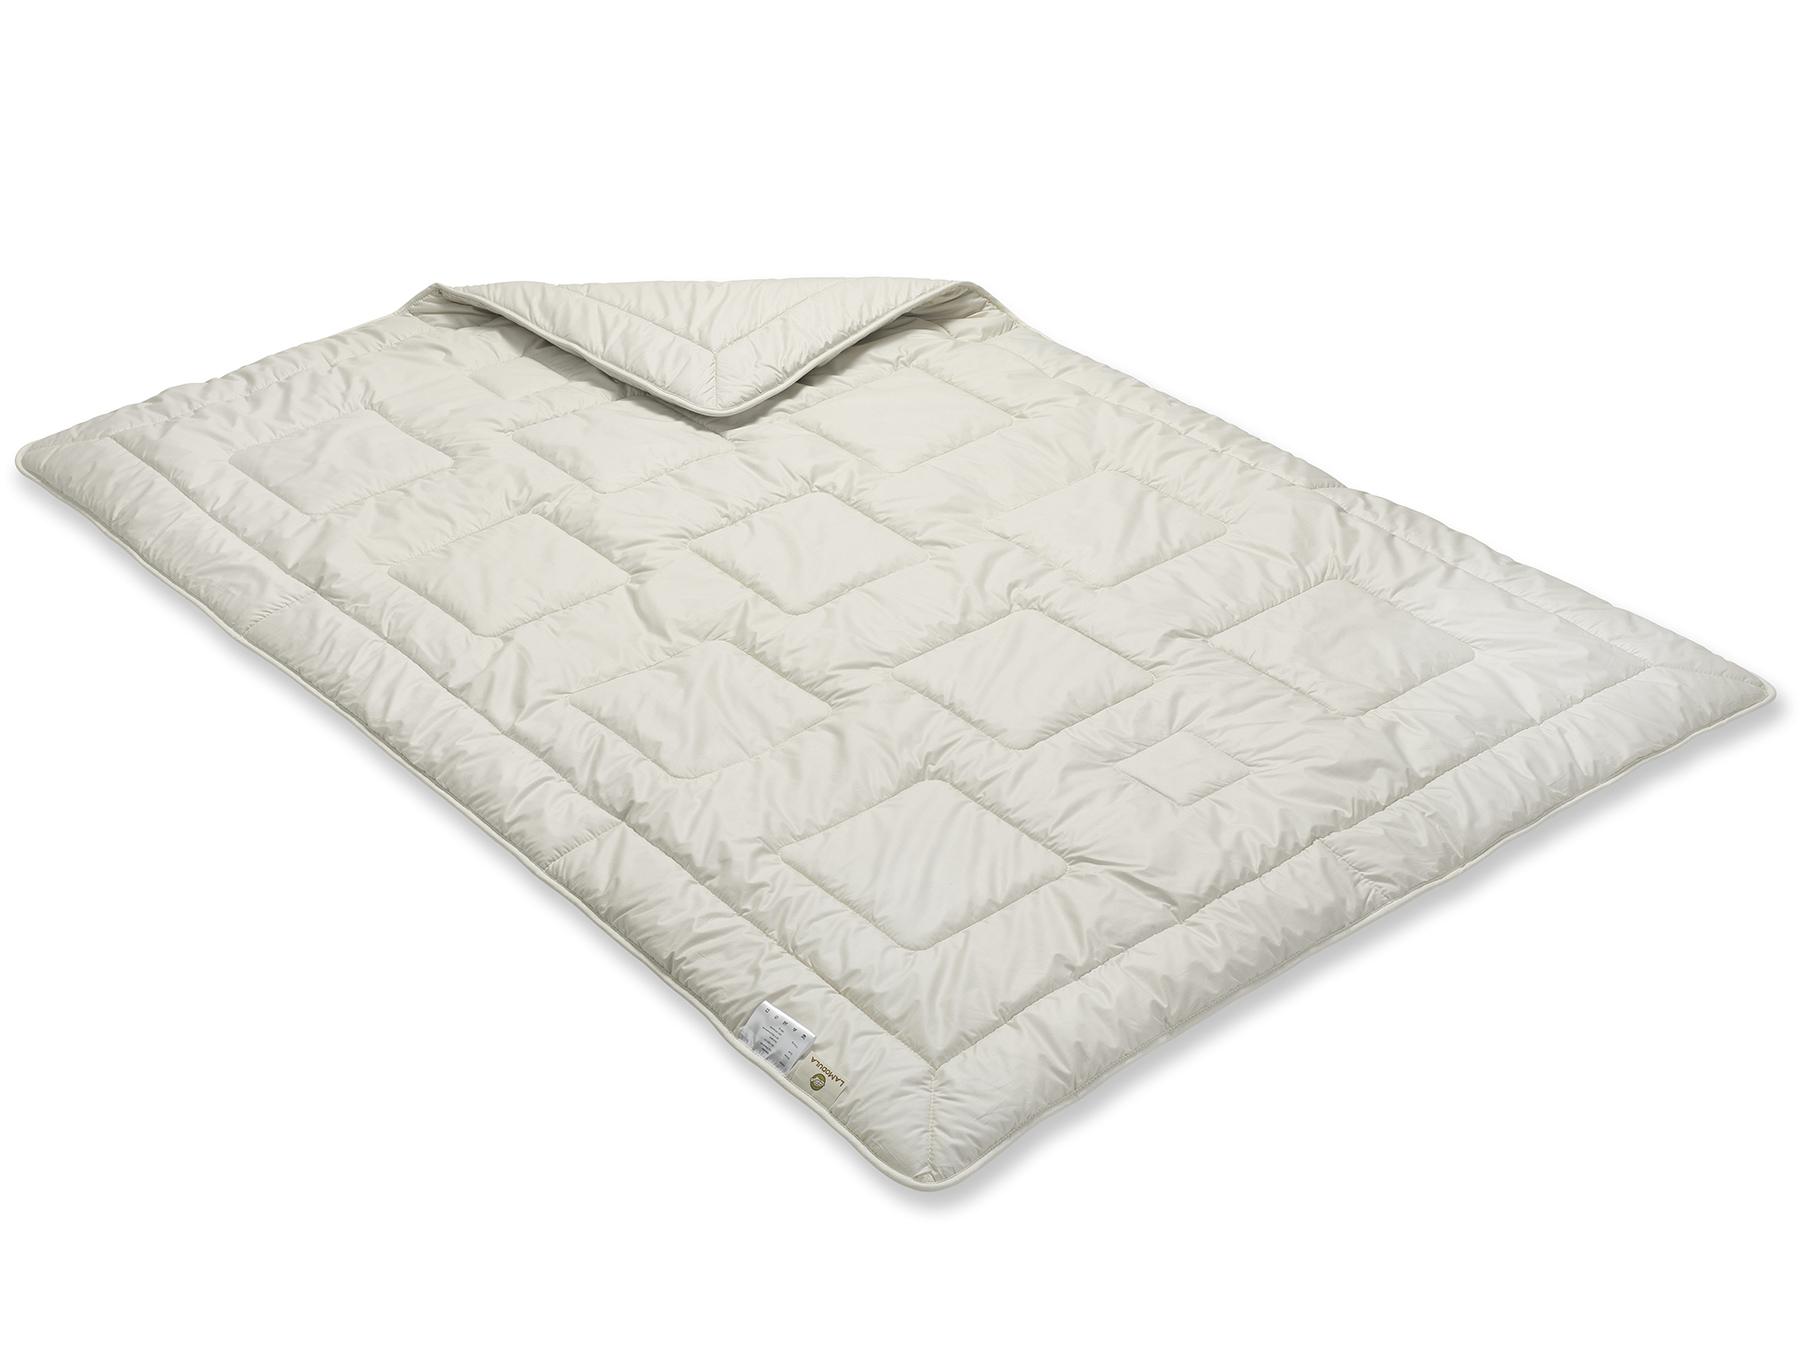 Hier werden zwei leichte Decken miteinander versteppt, das Muster entsteht durch die Einnadeltechnik.